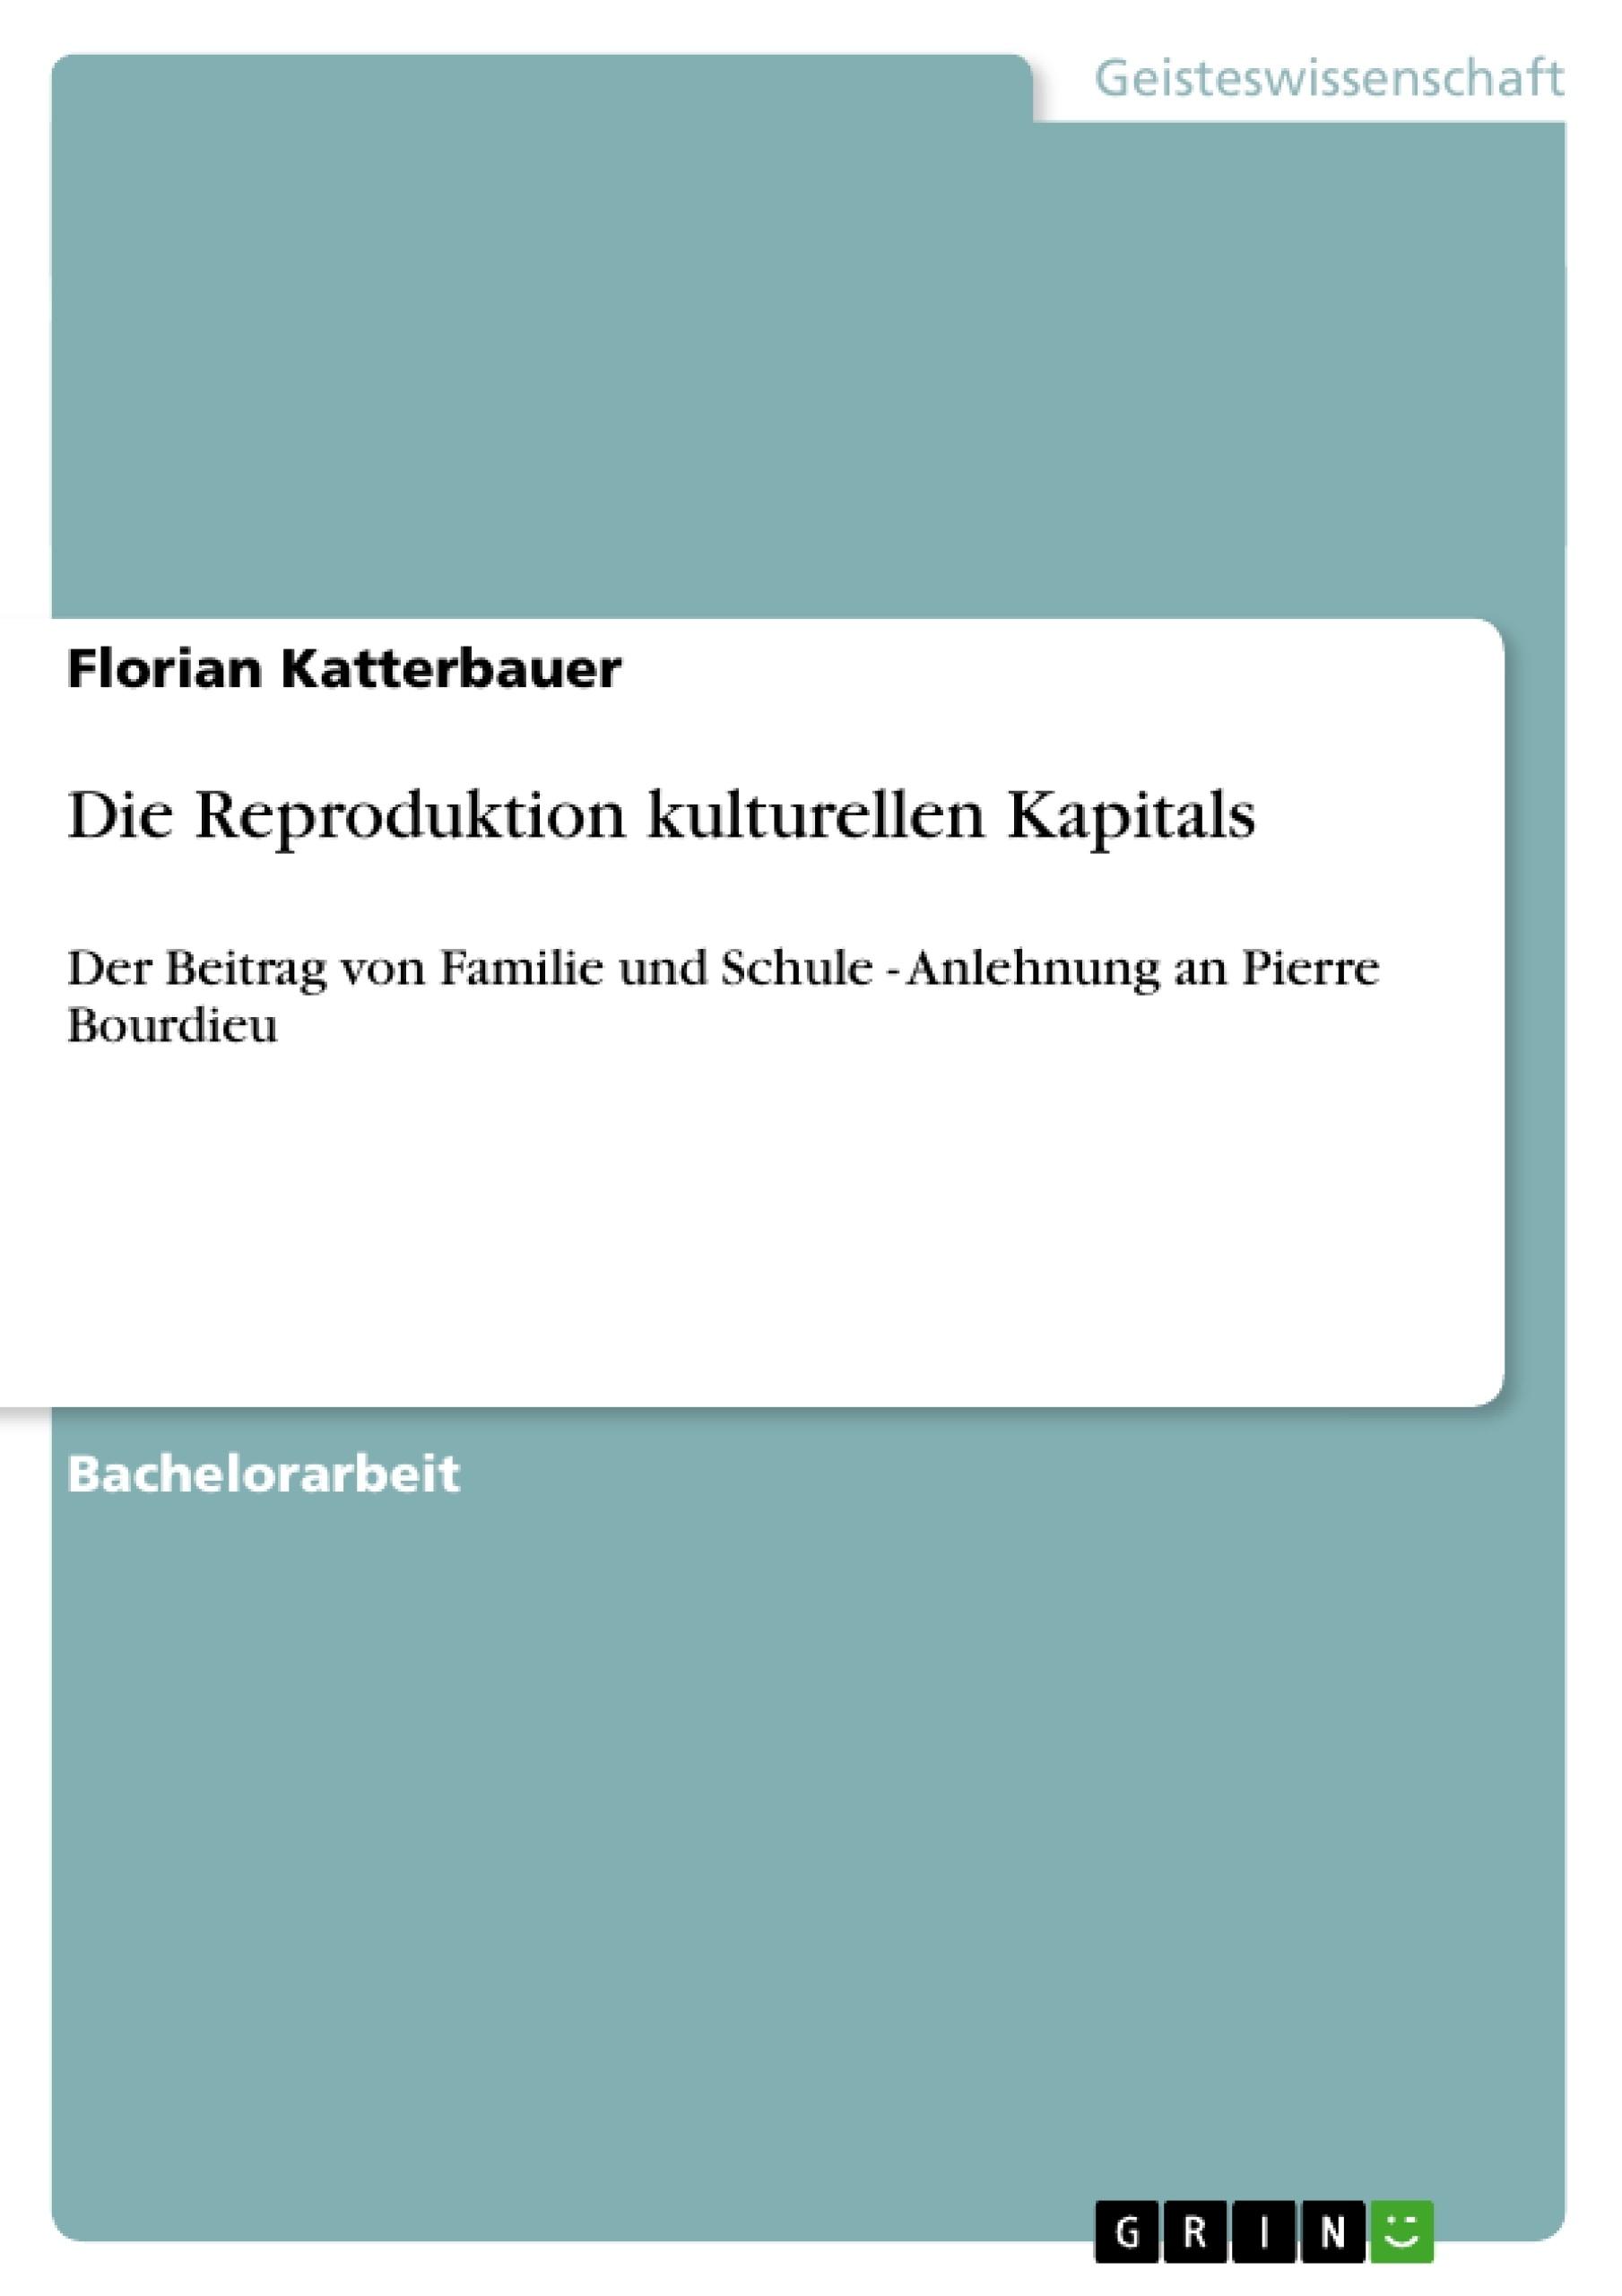 Titel: Die Reproduktion kulturellen Kapitals